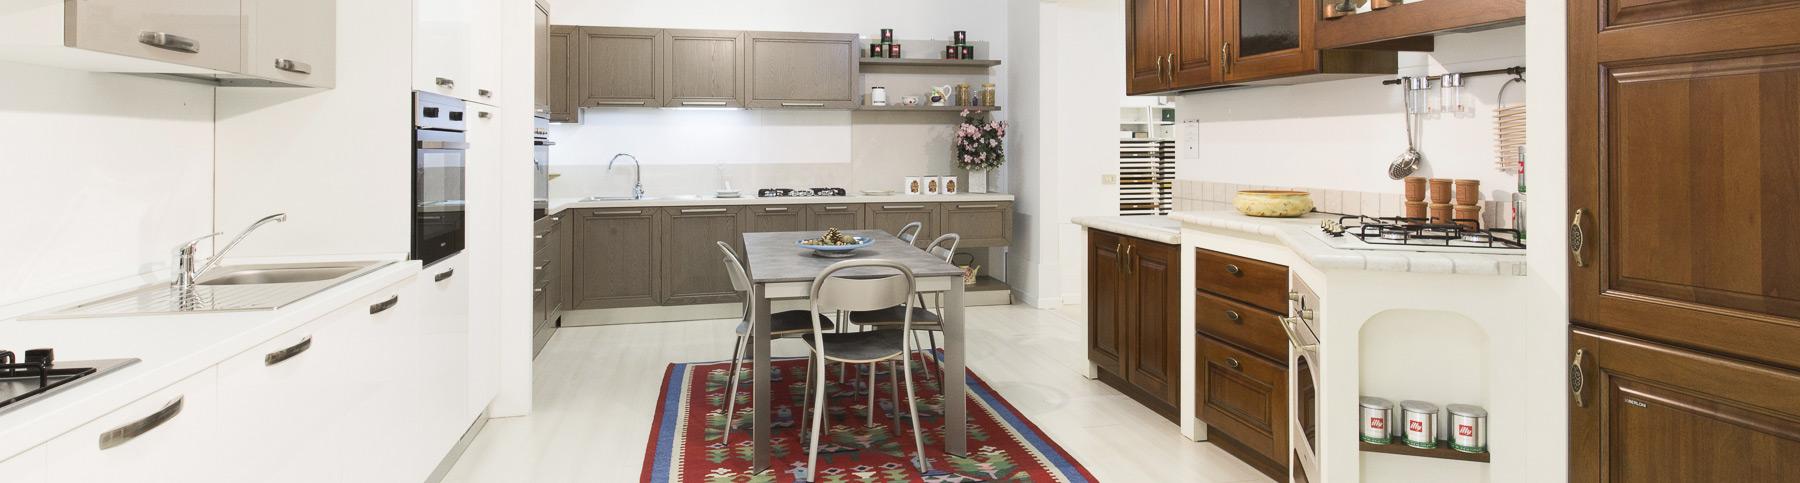 Arredamenti brescia cucine mobili brescia divani for Outlet cucine brescia